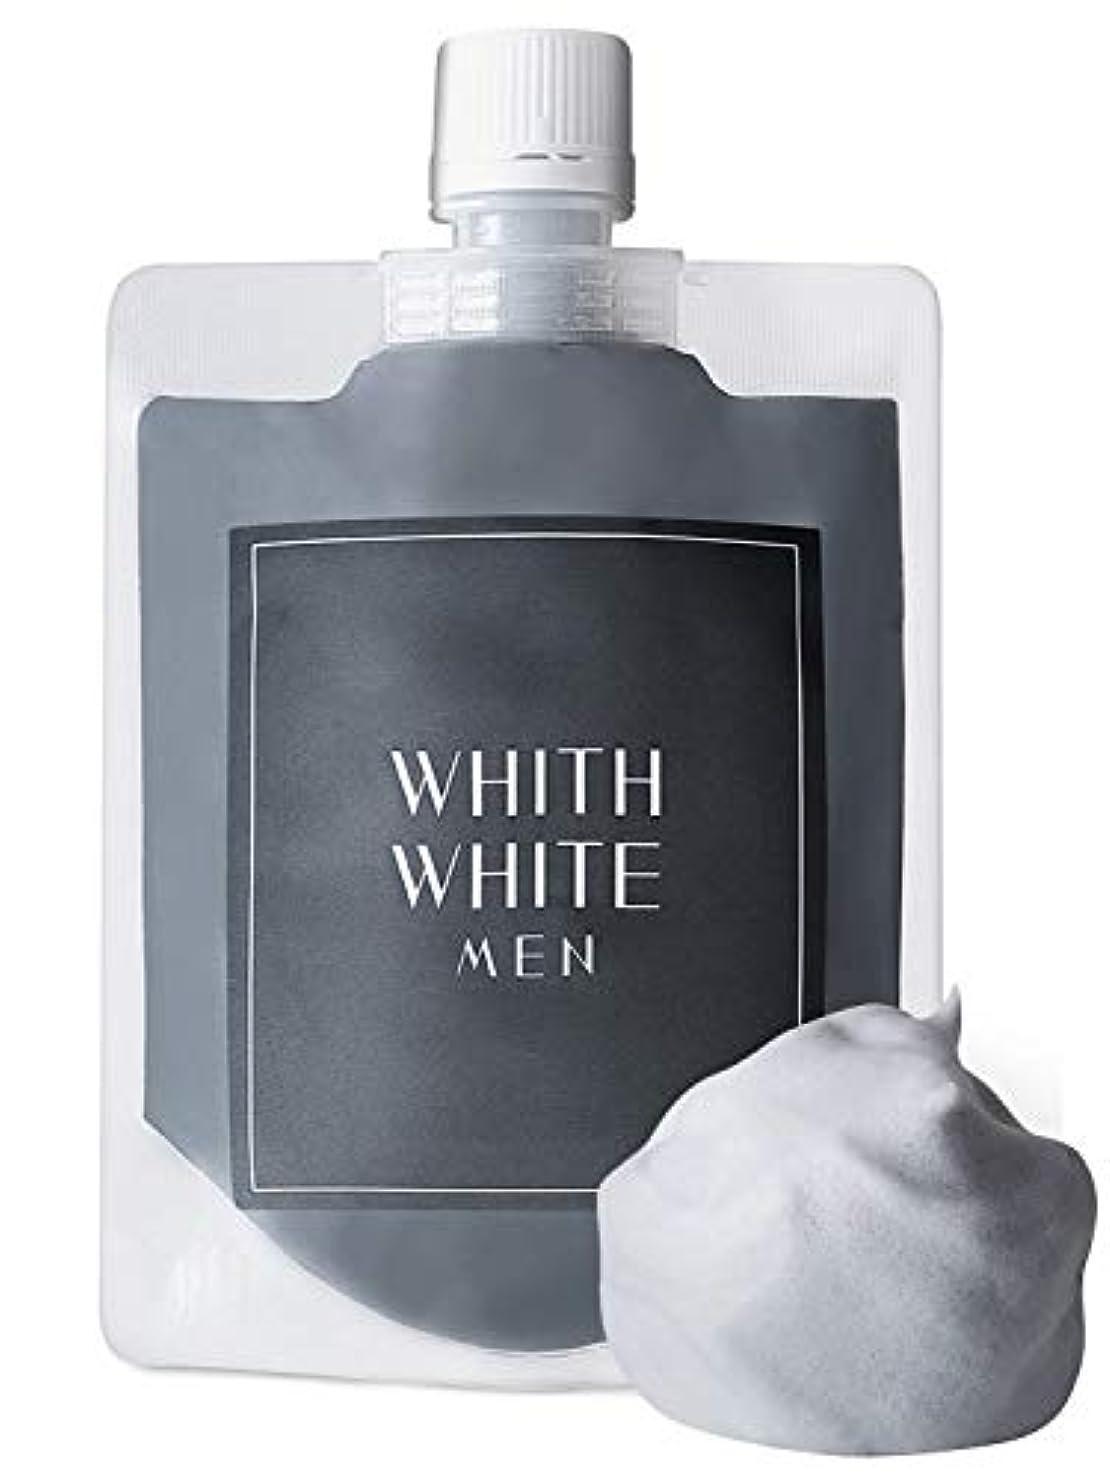 前述の測定可能午後フィス ホワイト メンズ 泥 洗顔 ネット 付き 8つの 無添加 洗顔フォーム (炭 泡 クレイ で 顔 汚れ を 落とす) (日本製 洗顔料 130g リッチ セット)(どろ で 毛穴 を ごっそり 除去)